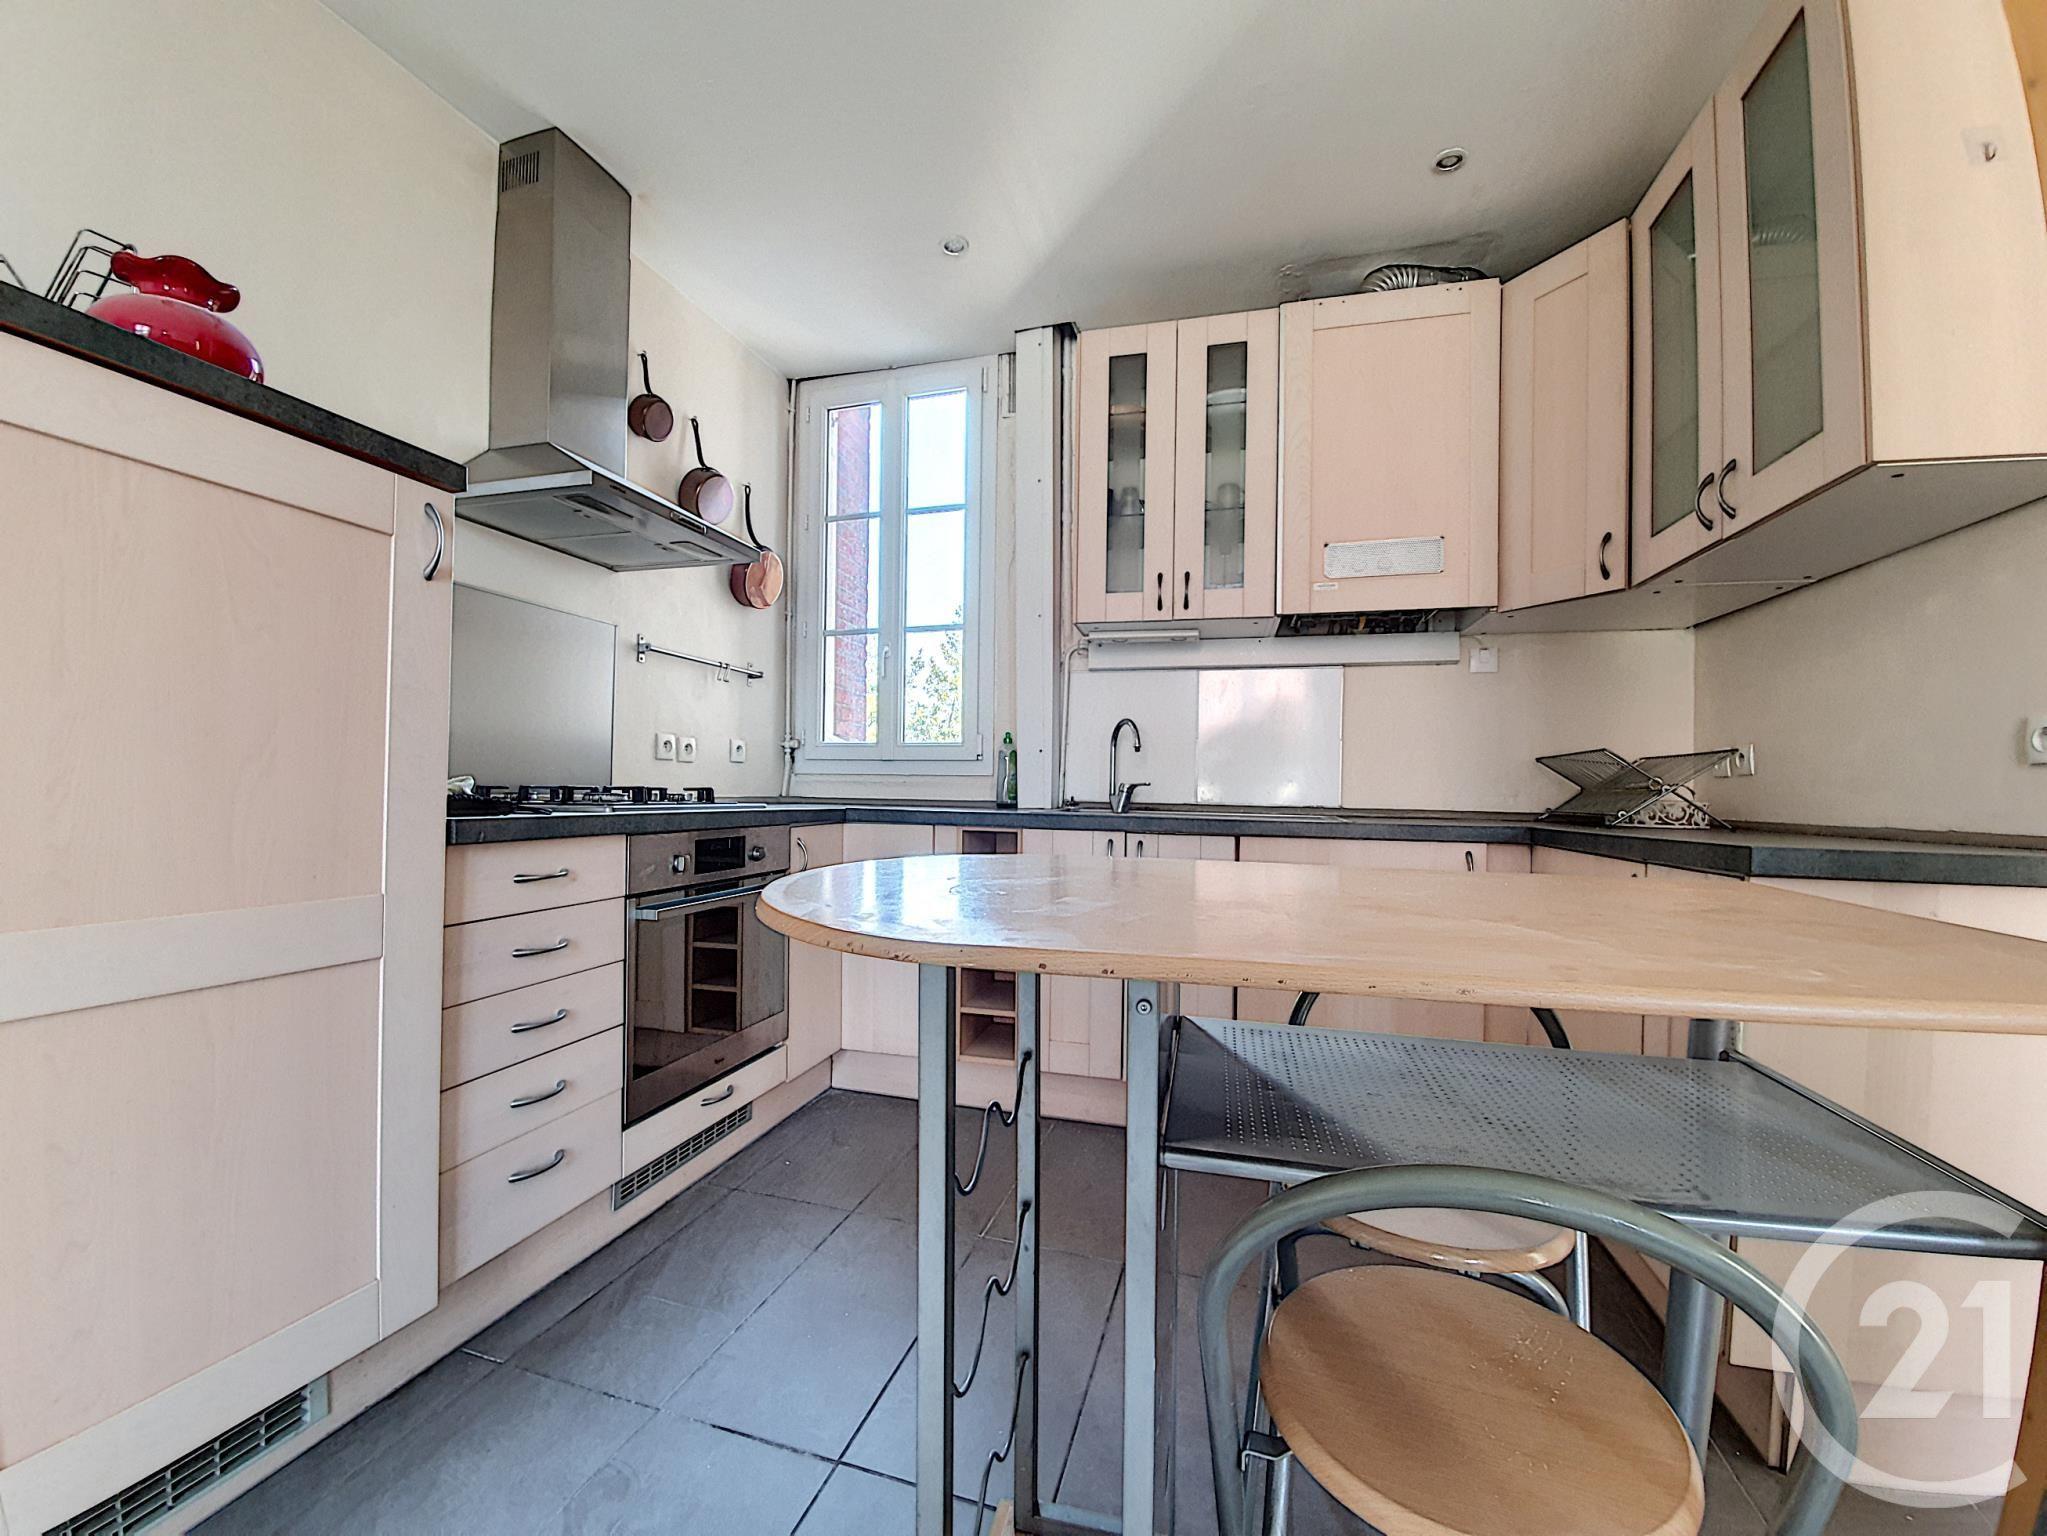 Appartement a louer colombes - 3 pièce(s) - 48.72 m2 - Surfyn